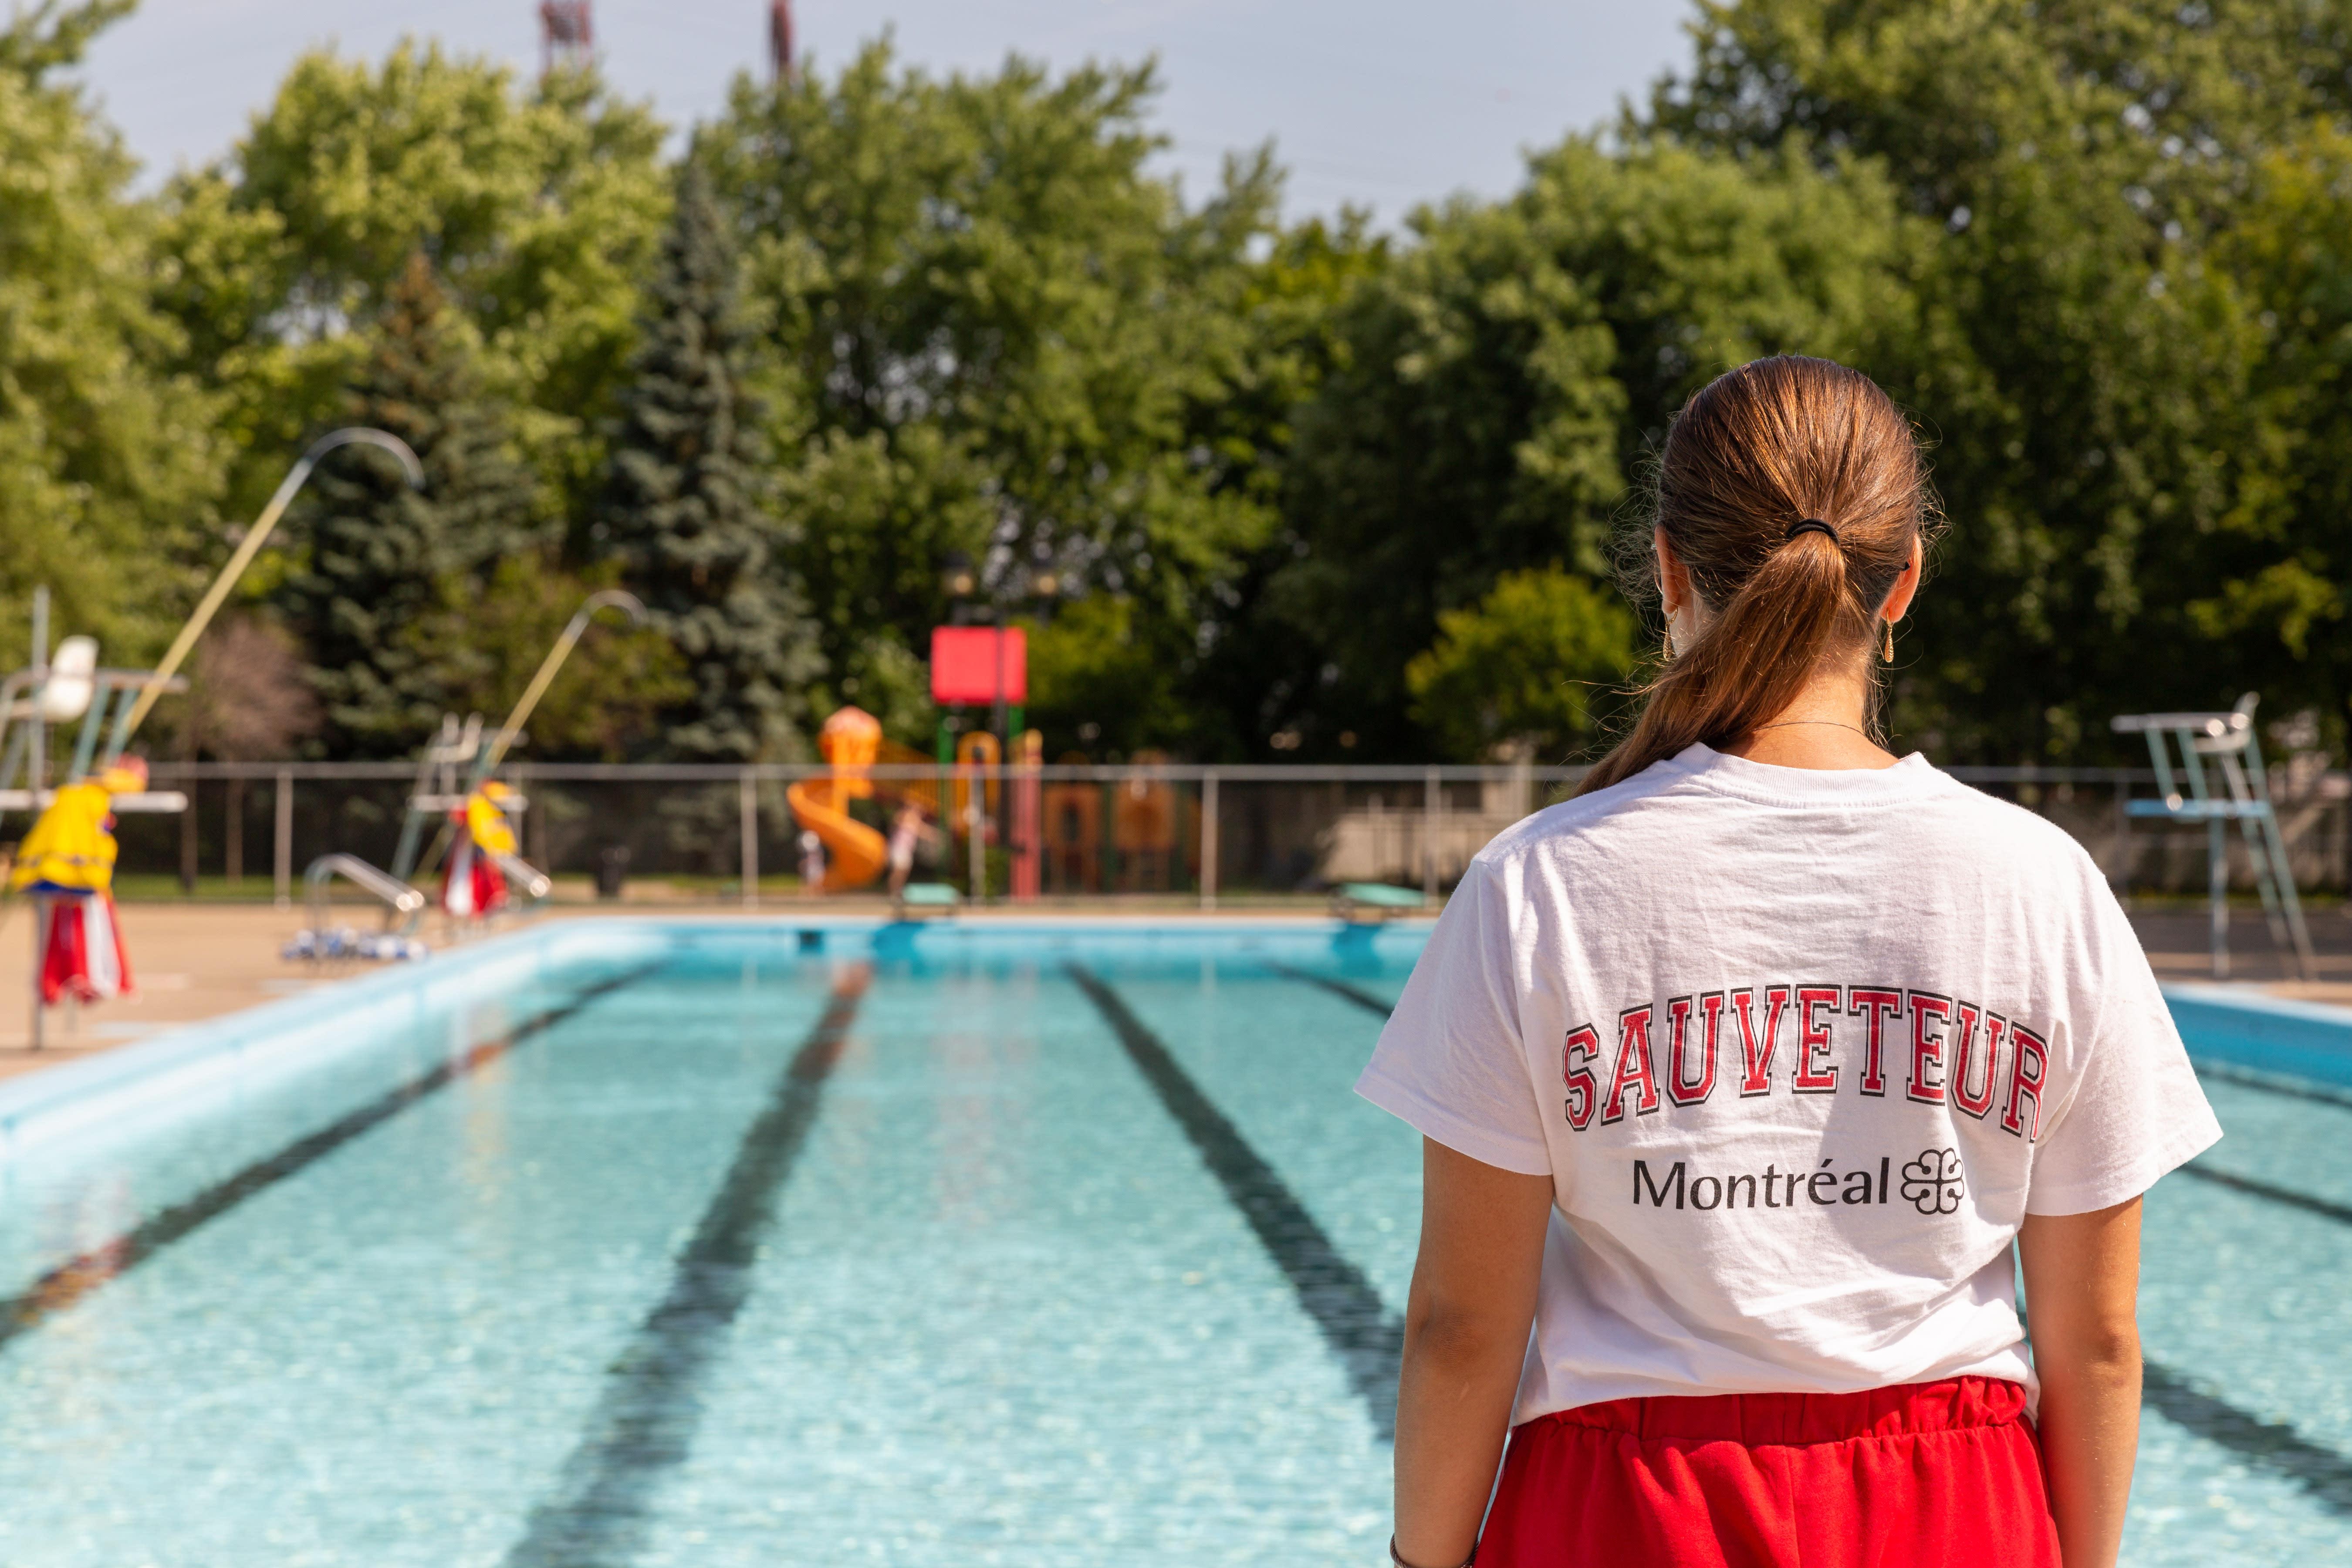 Sauveteur devant une piscine